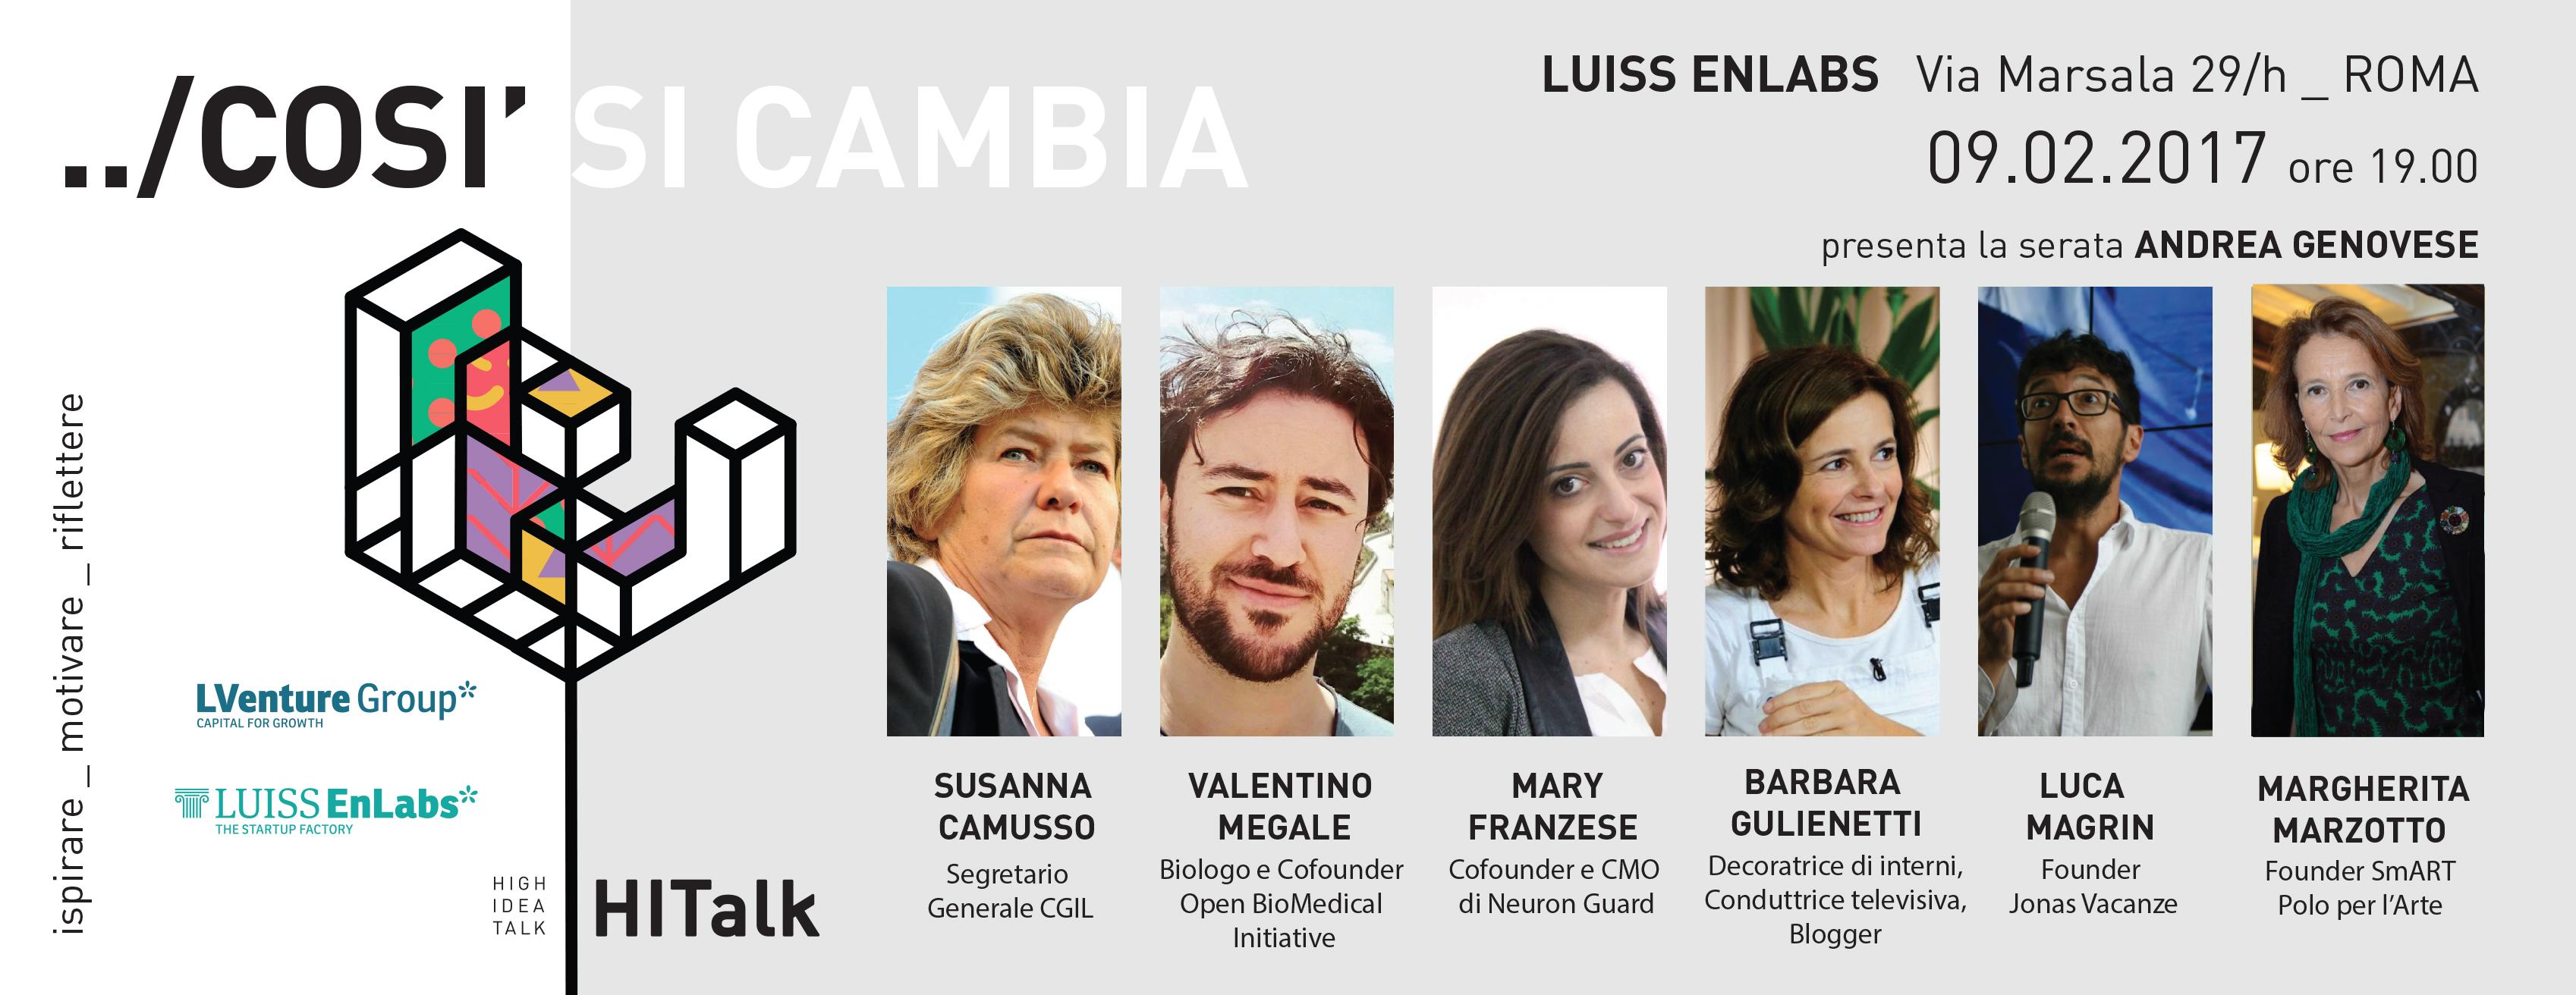 Giovedì 9 febbraio si è svolta la tredicesima edizione di HiTalk. Dal segretario Camusso al turismo sostenibile, c'è stato spazio per le idee di tutti.